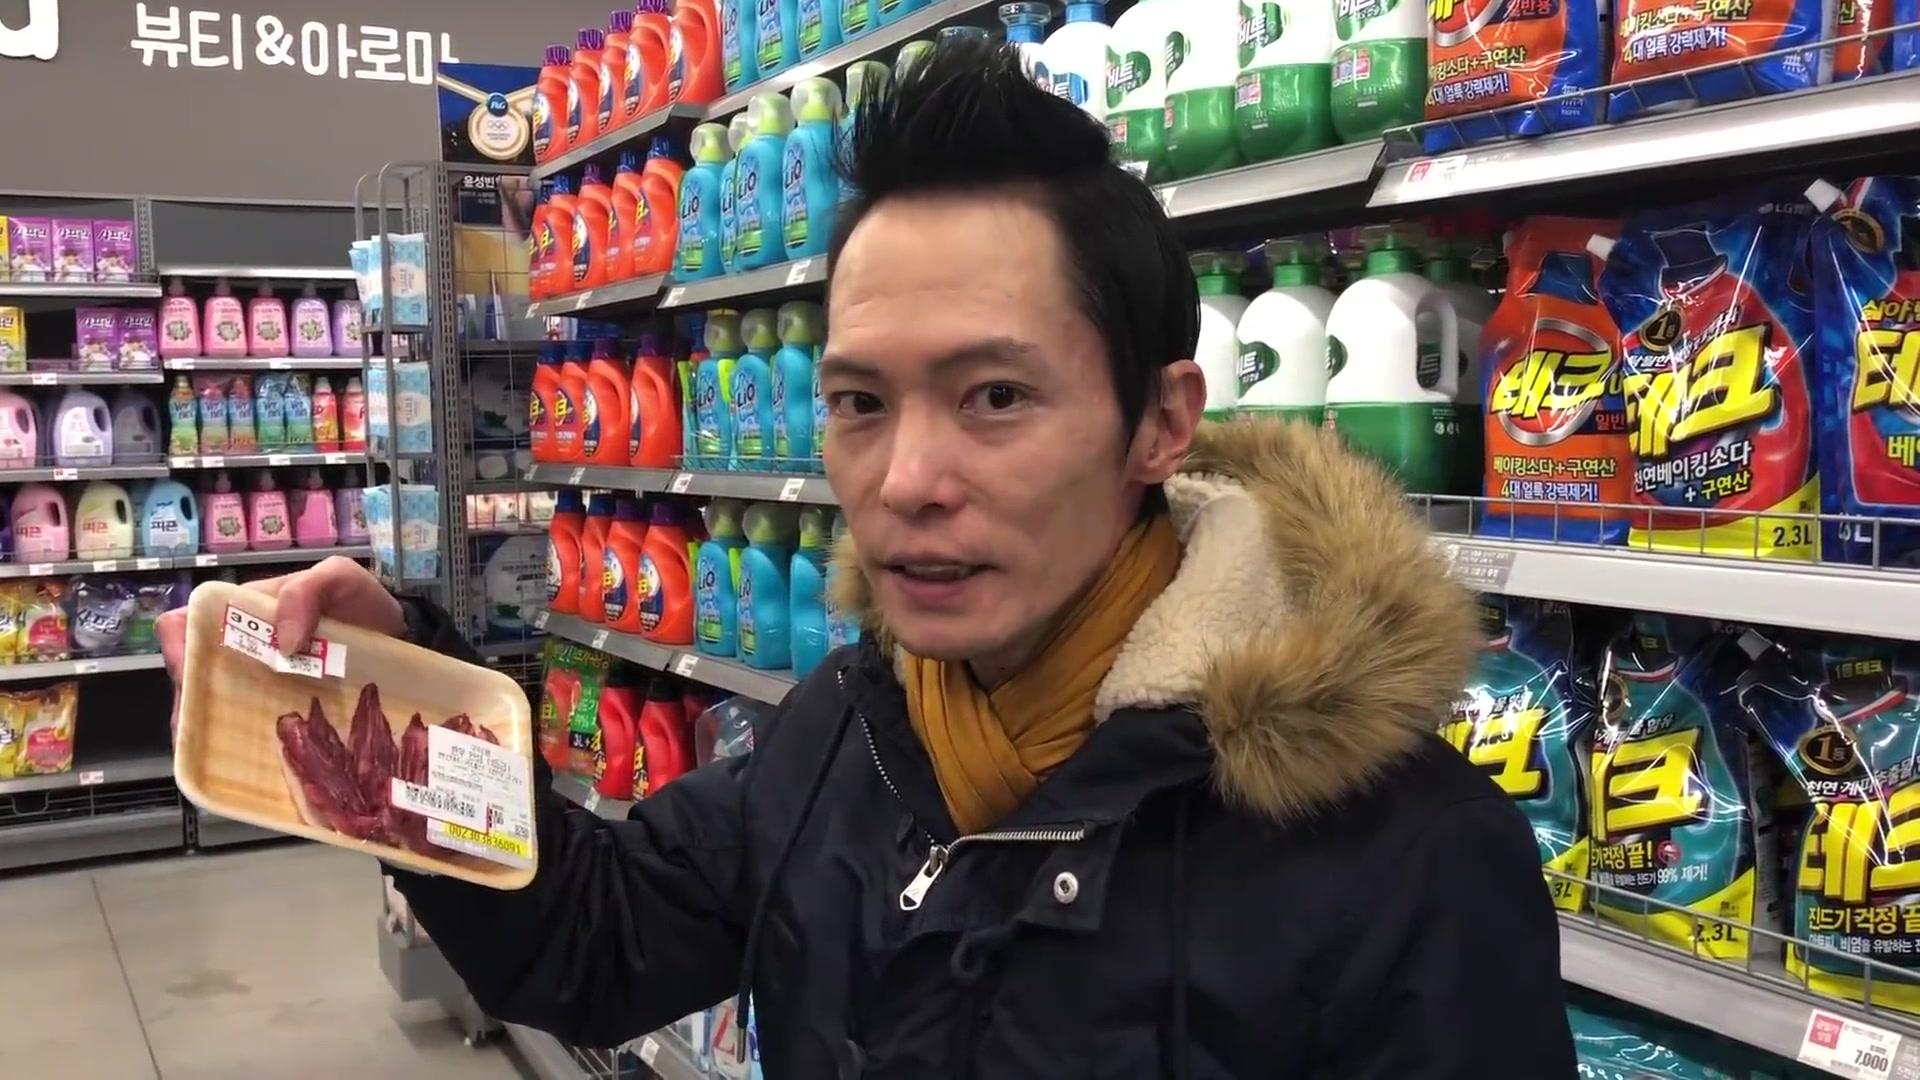 Todo Sobre Corea del Sur Episode 145: With 100 Mexican Pesos, What Can We Buy in a Korean Supermarket?